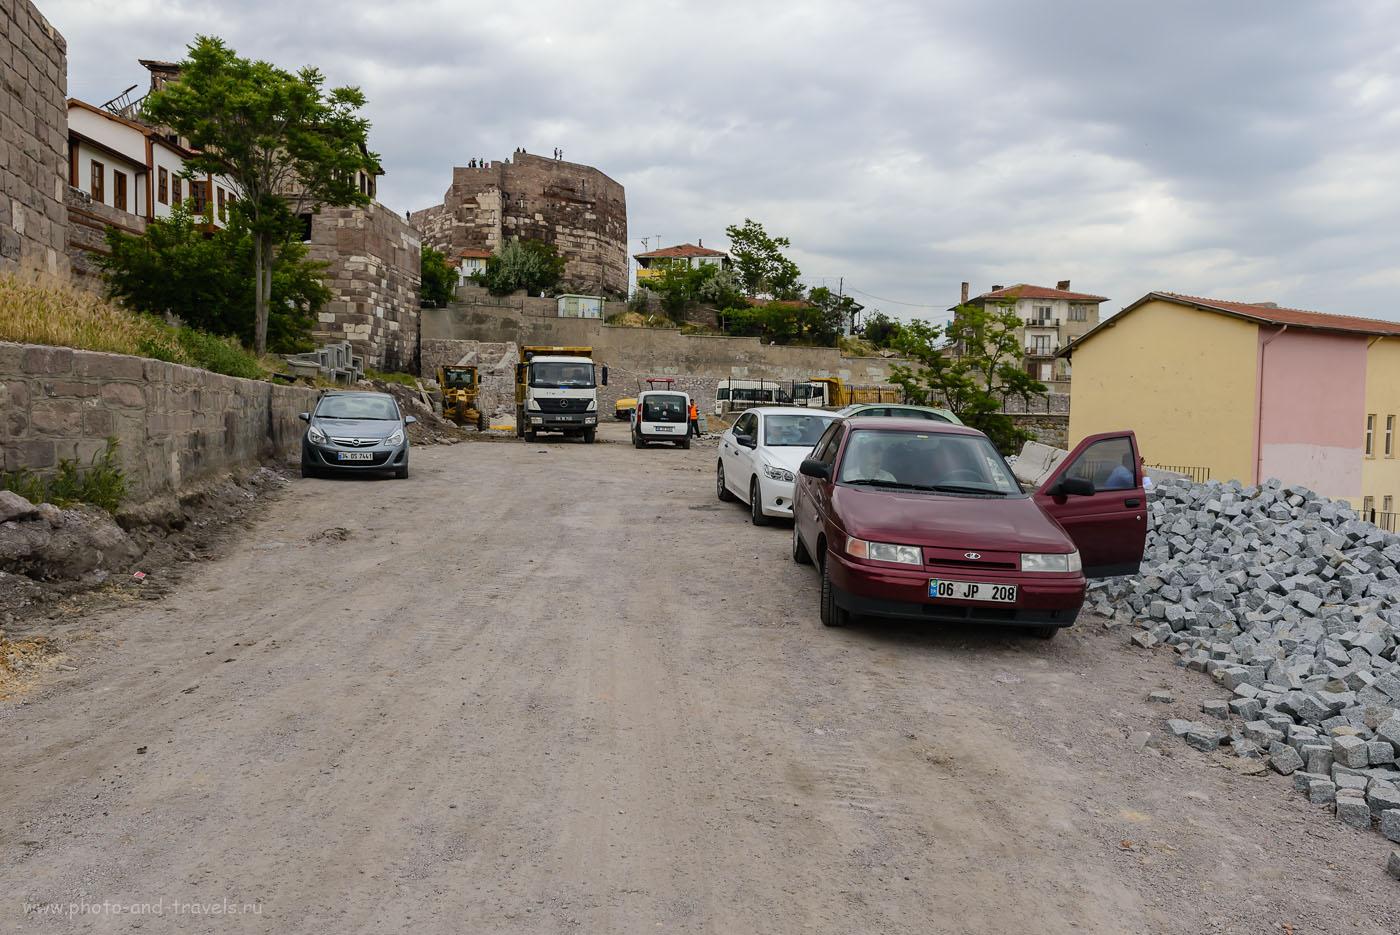 Фото 20. Древний замок в Анкаре. На его территории есть несколько гостиниц, а на крепостную стену можно забраться, чтобы осмотреть живописные окрестности. Отчеты туристов о поездке в столицу из Стамбула во время путешествия по Турции. 1/250, 8.0, 400, 24.